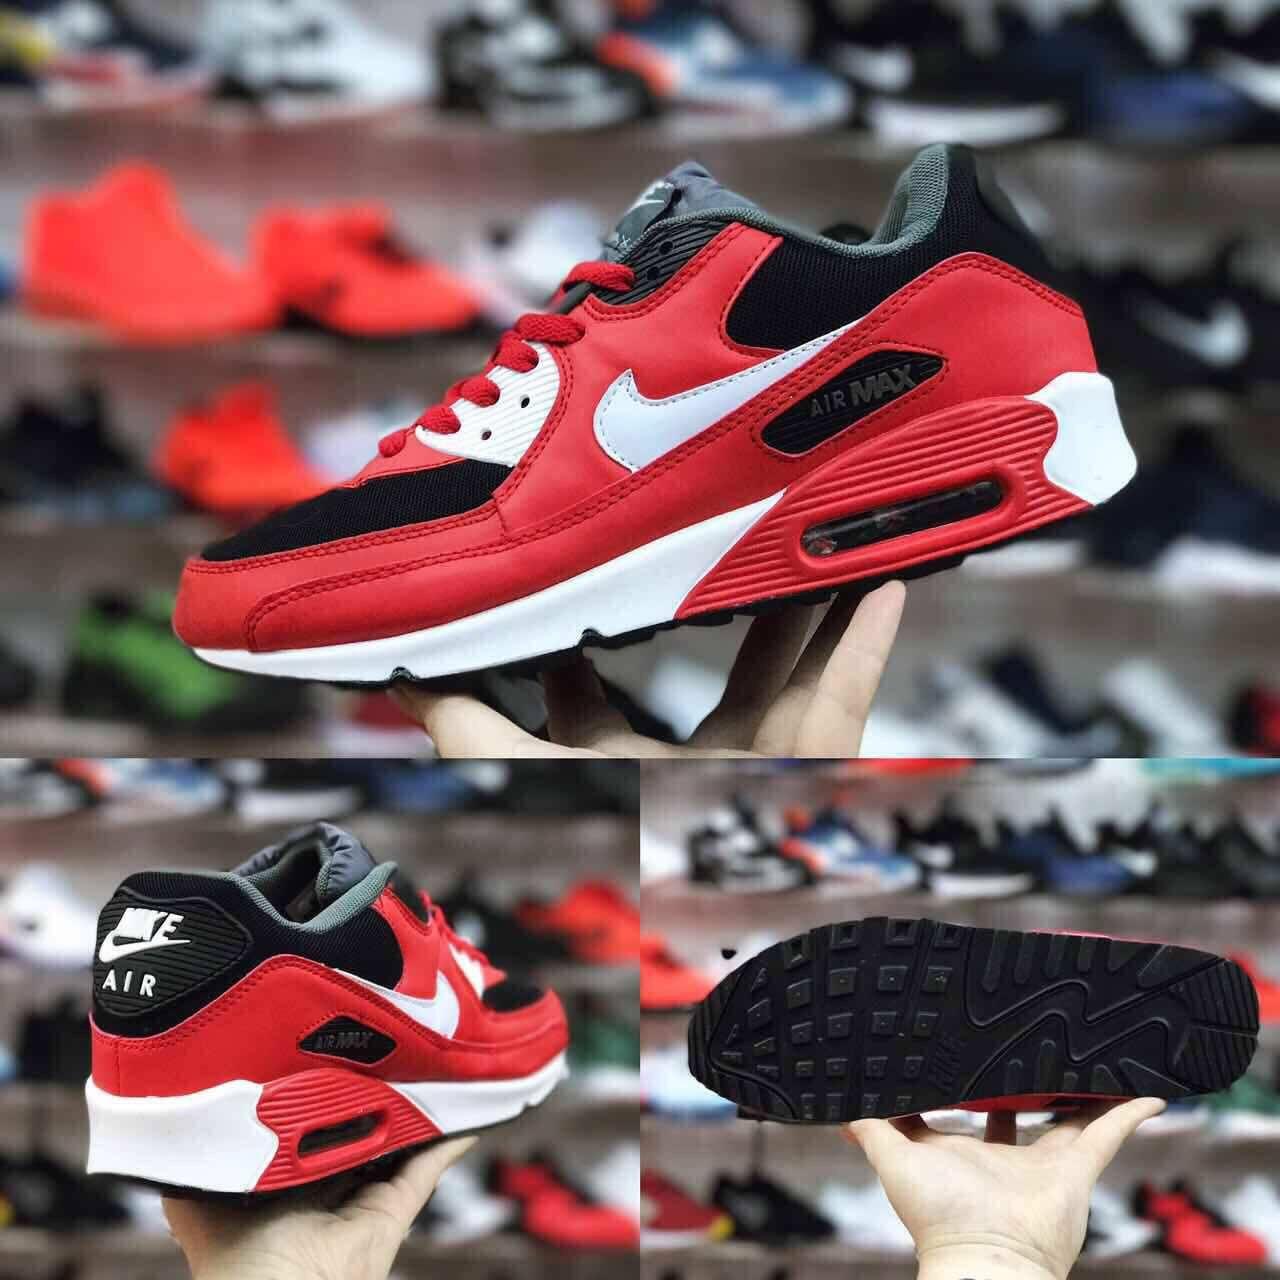 Cena 2.800 din original   Sneakers nike, Air max sneakers